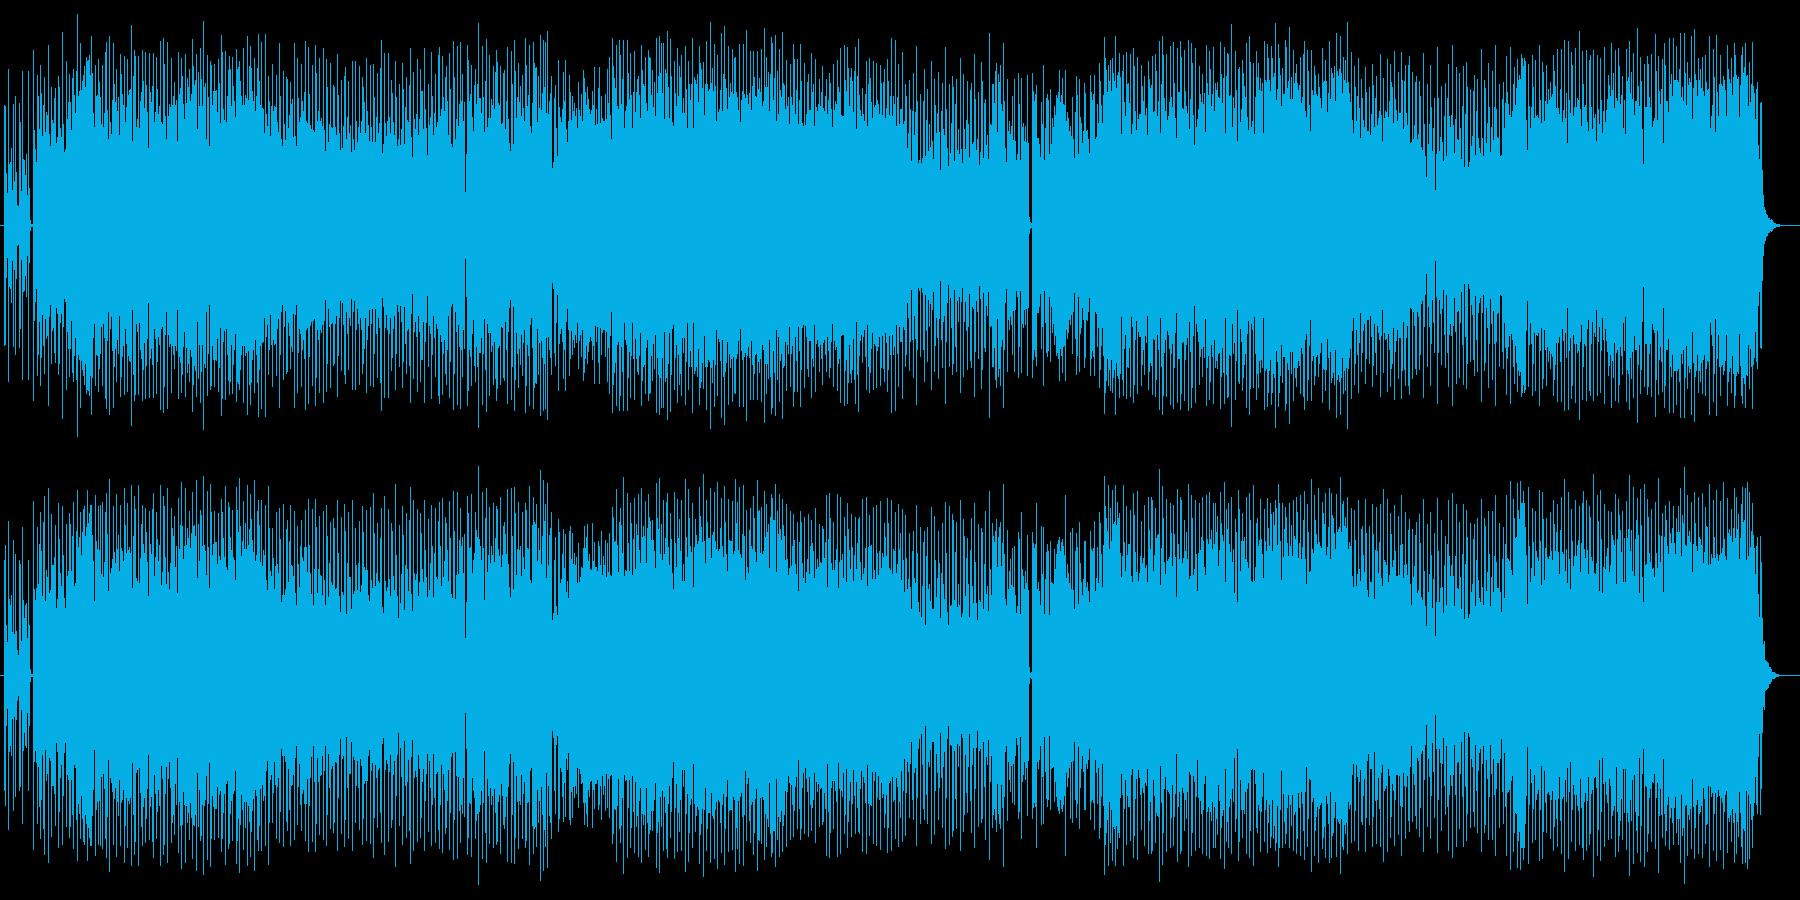 エッジ、浮遊感あるドラムンベースの曲の再生済みの波形